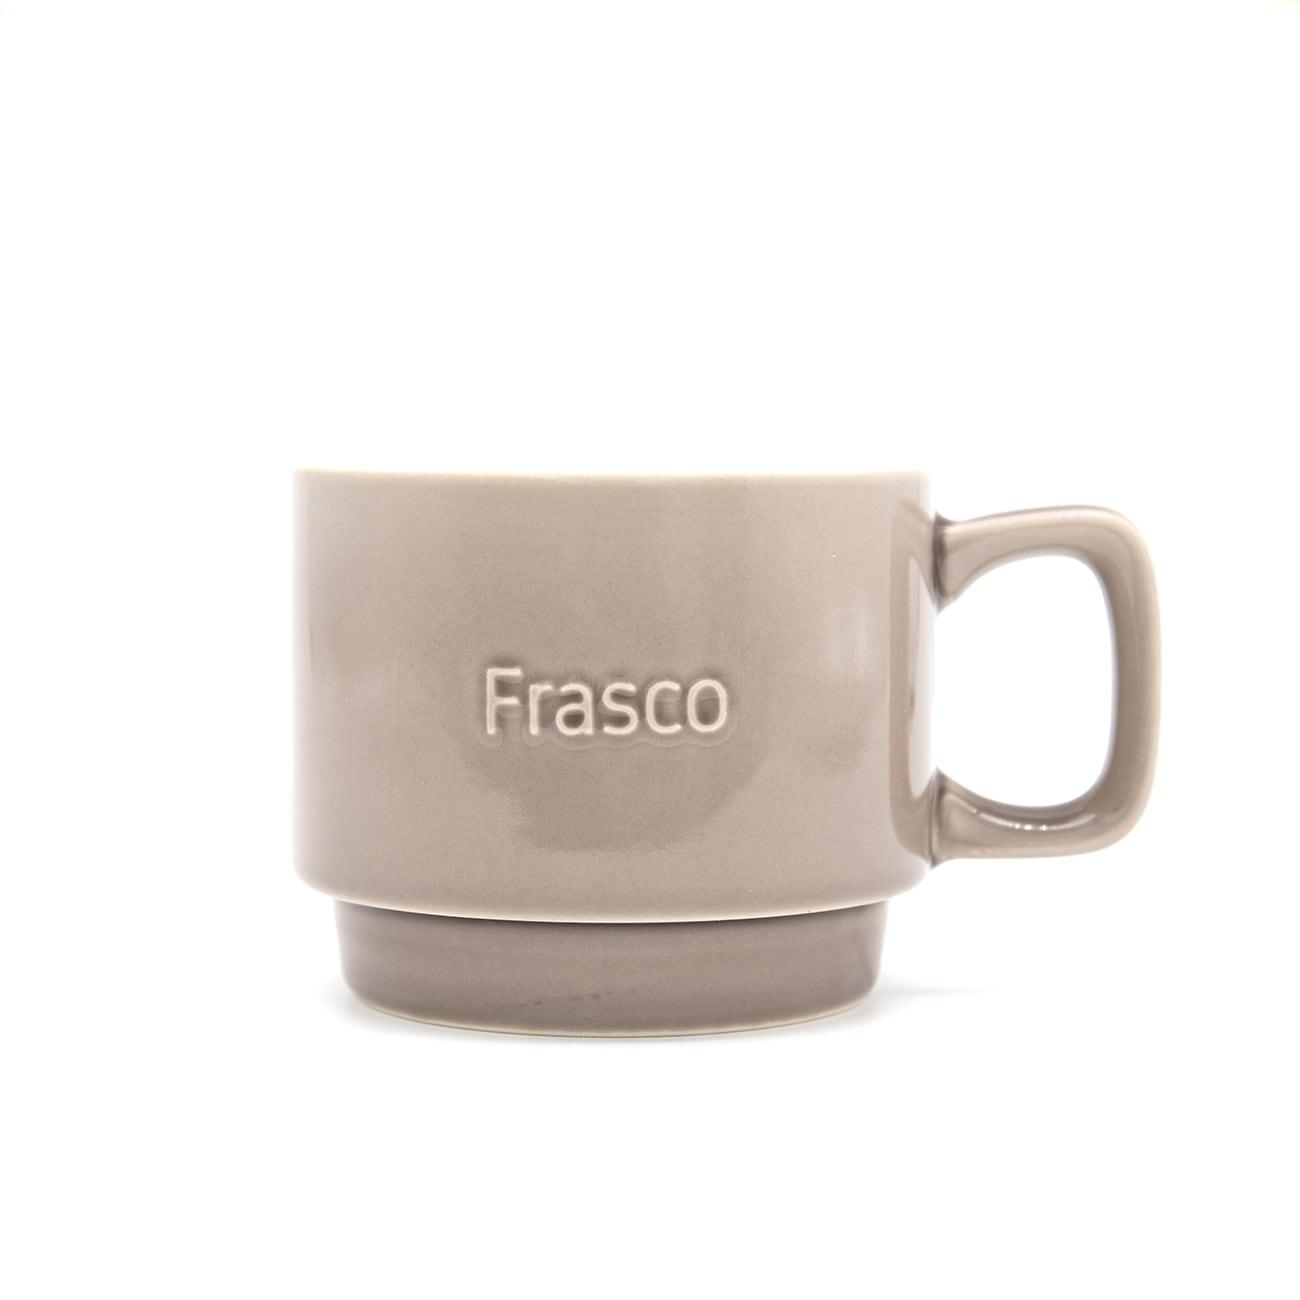 オリジナルマグカップ   グレー   Frasco